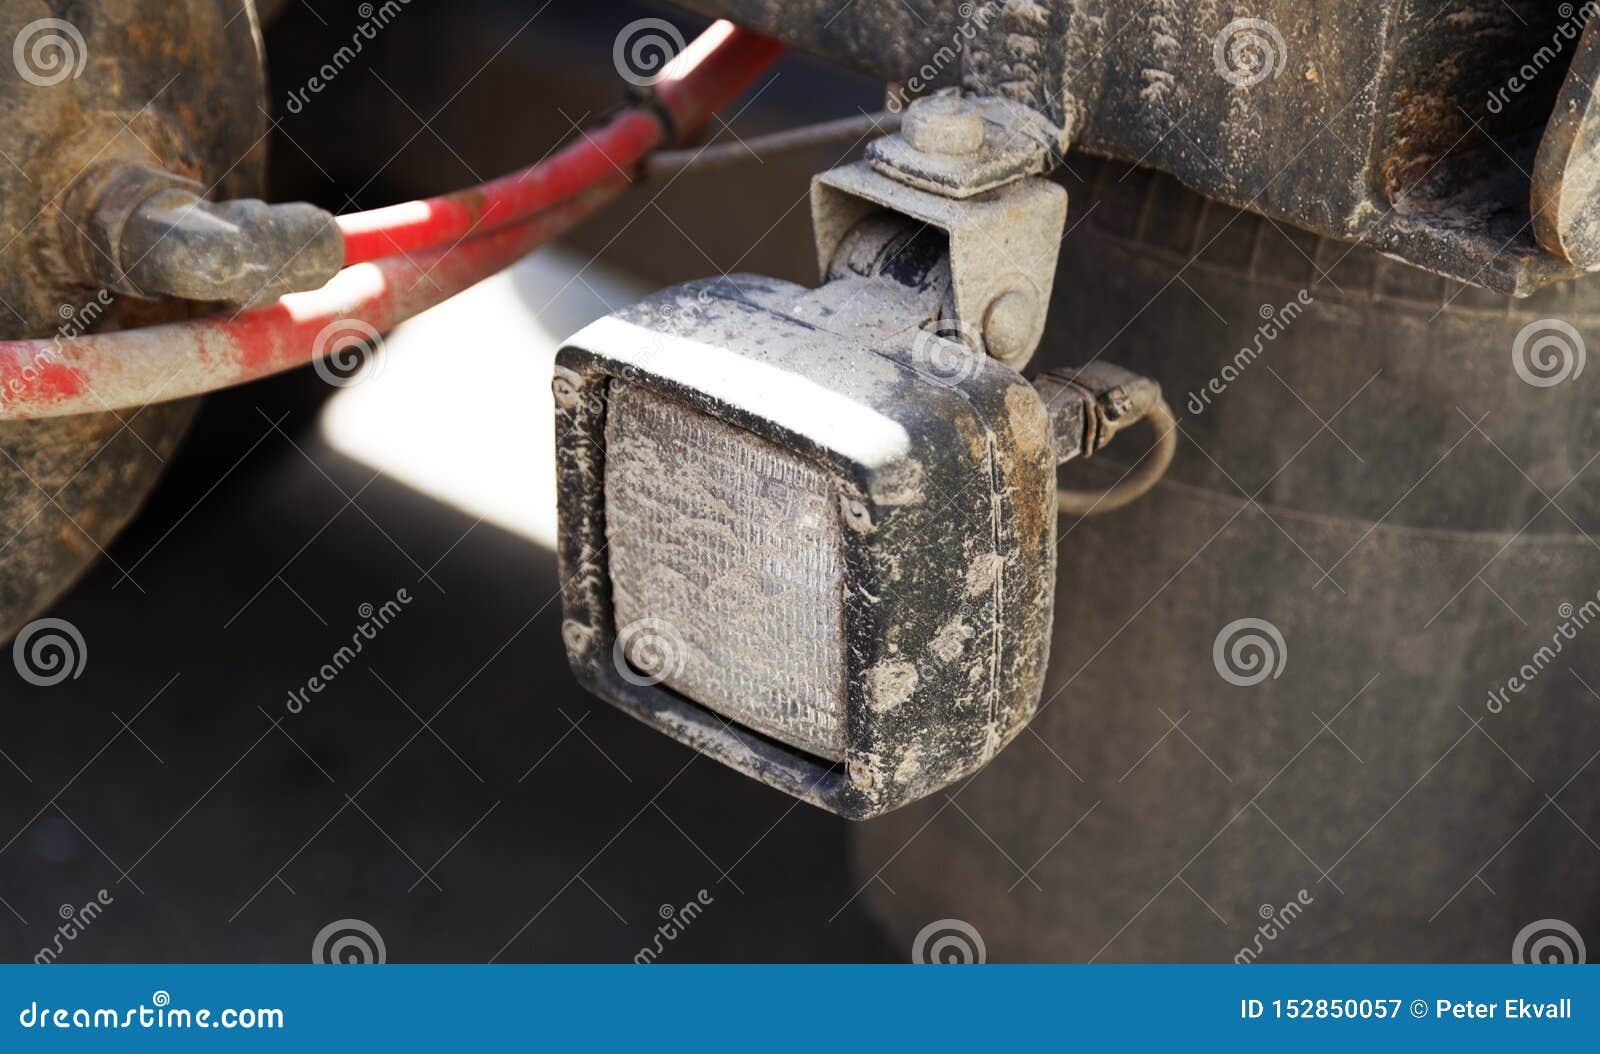 Vit billykta på baksidan av släpet som åker lastbil